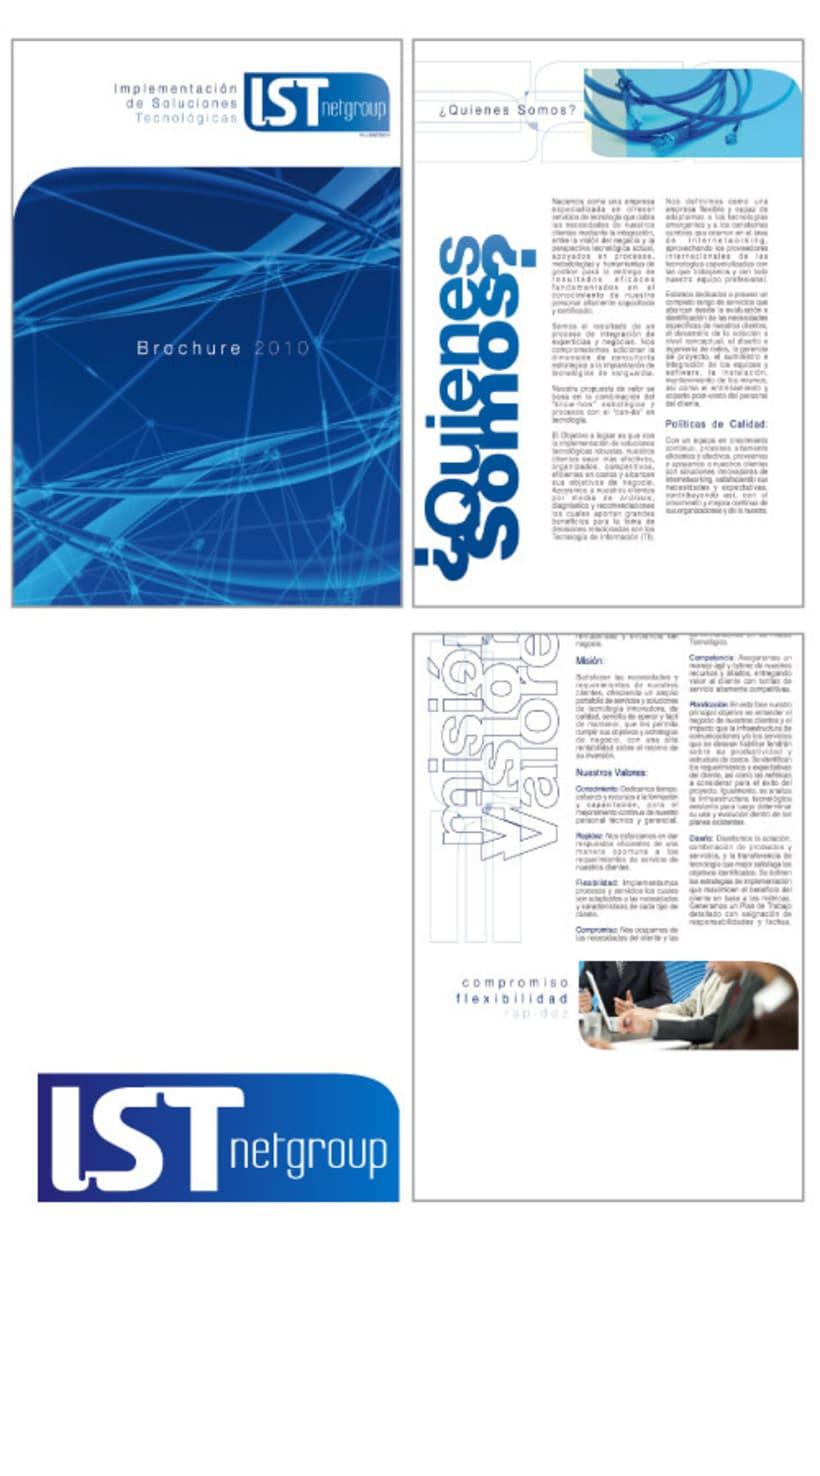 logotipo y broshure para IST netgroup 1